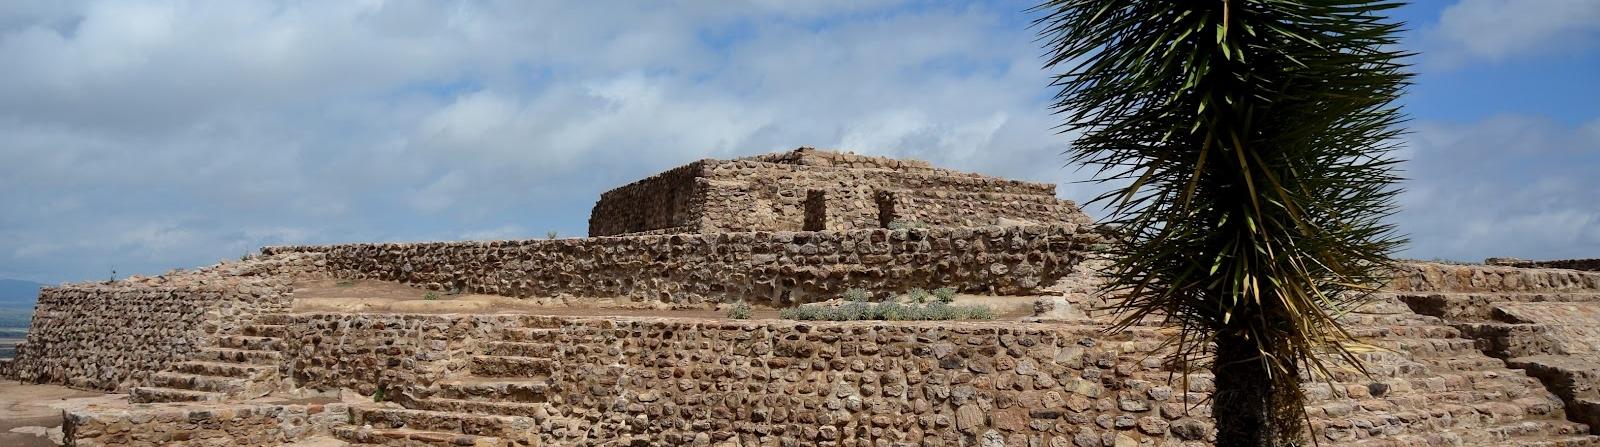 Ocampo Guanajuato Guia Turistica México